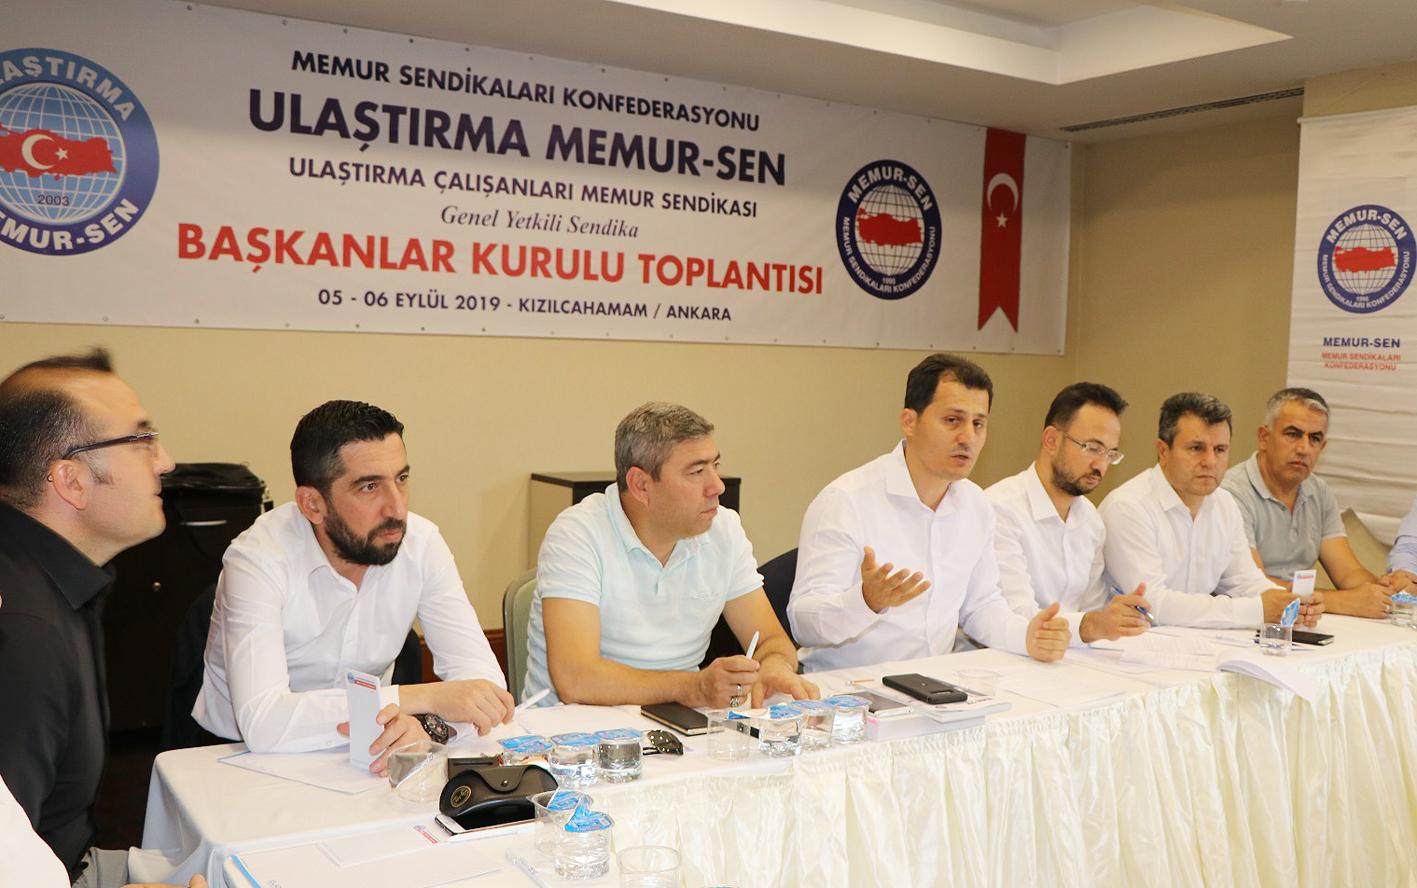 Ulaştırma Memur-Sen Başkanlar Kurulu Toplantısı Ankara'da yapıldı